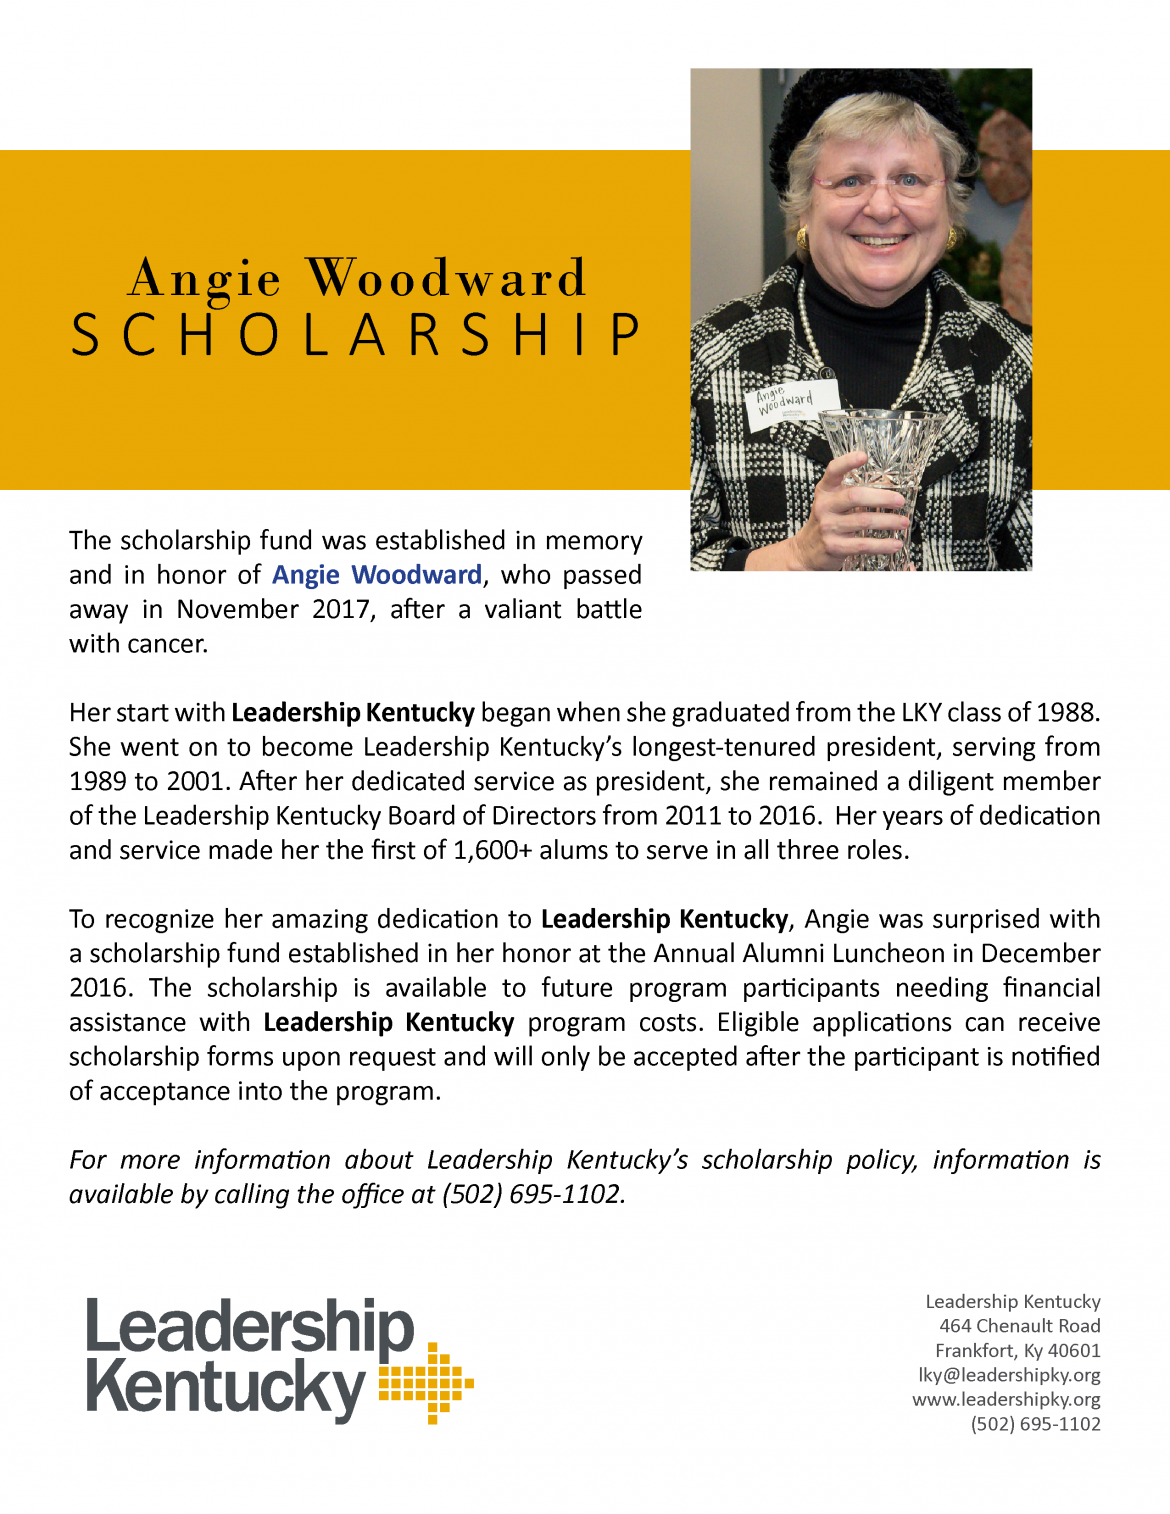 Angie Woodward Scholarship